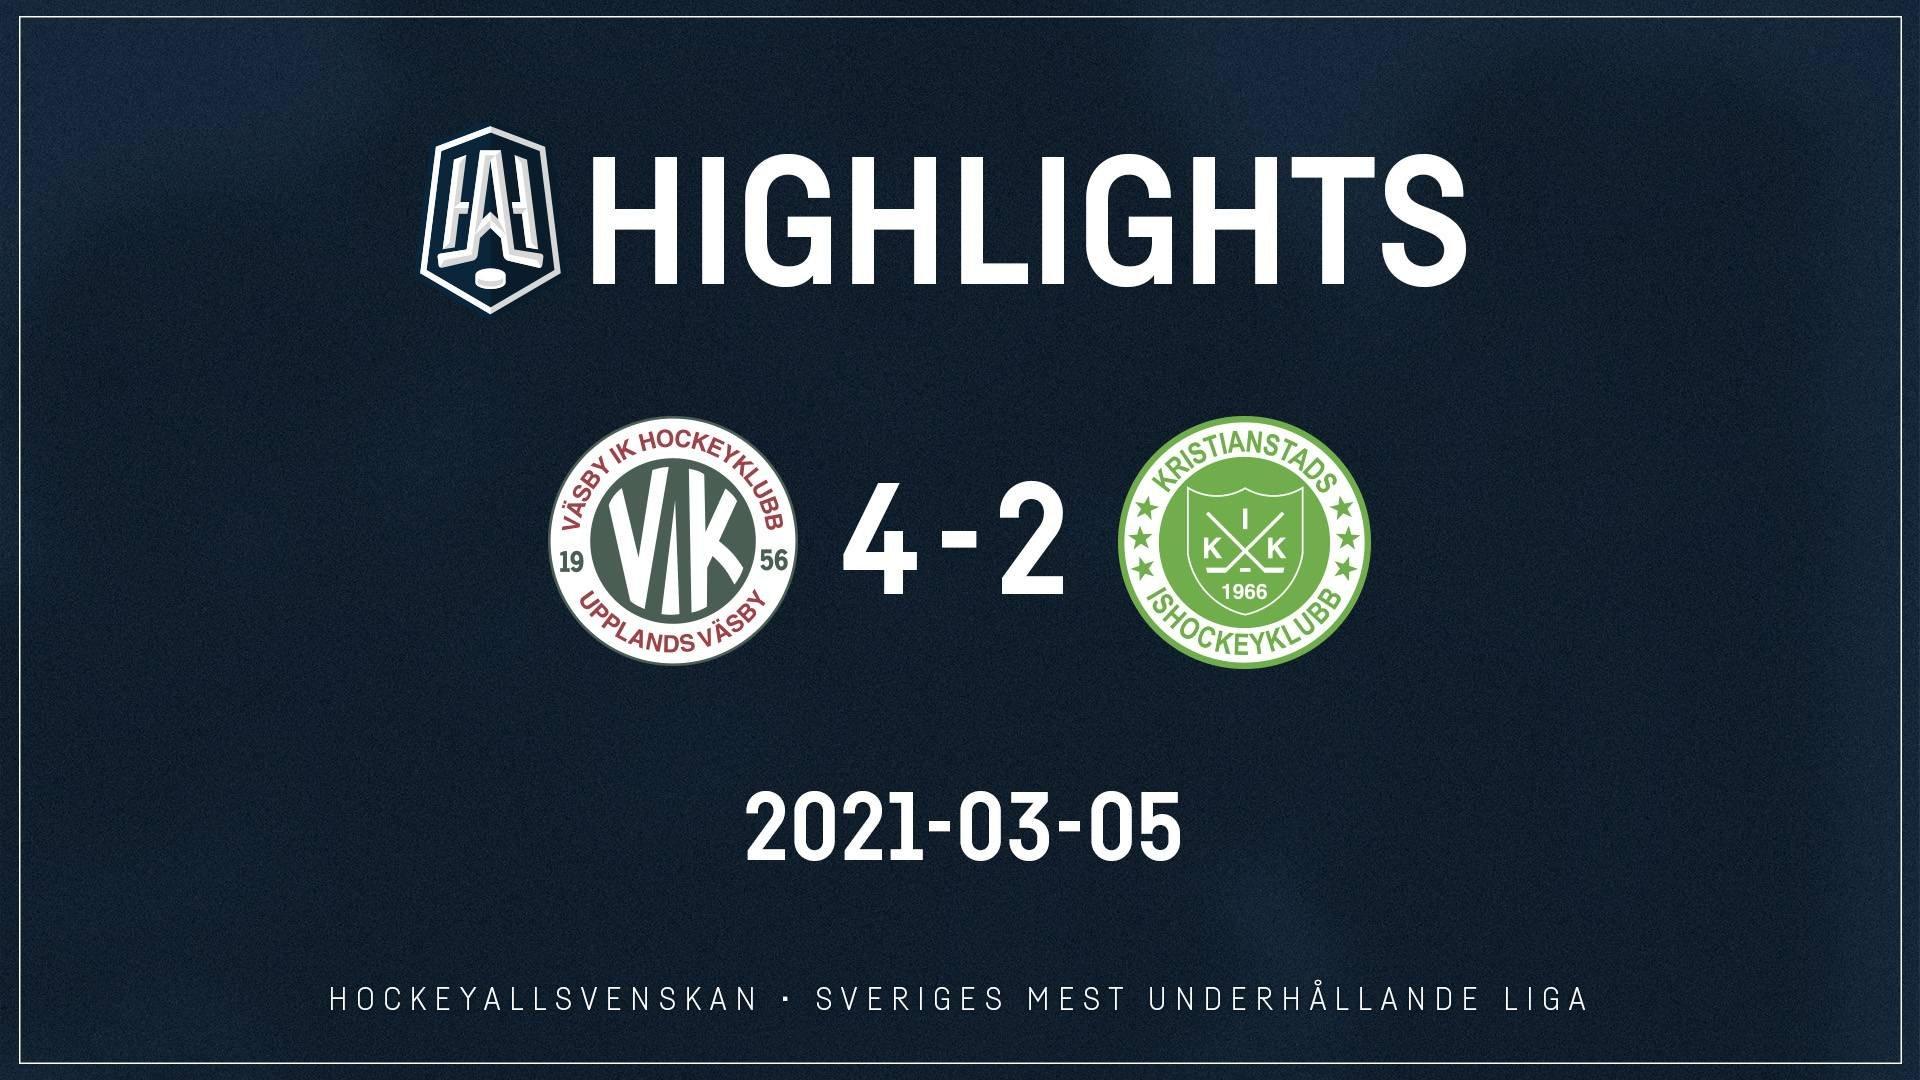 2021-03-05 Väsby - Kristianstad 4-2